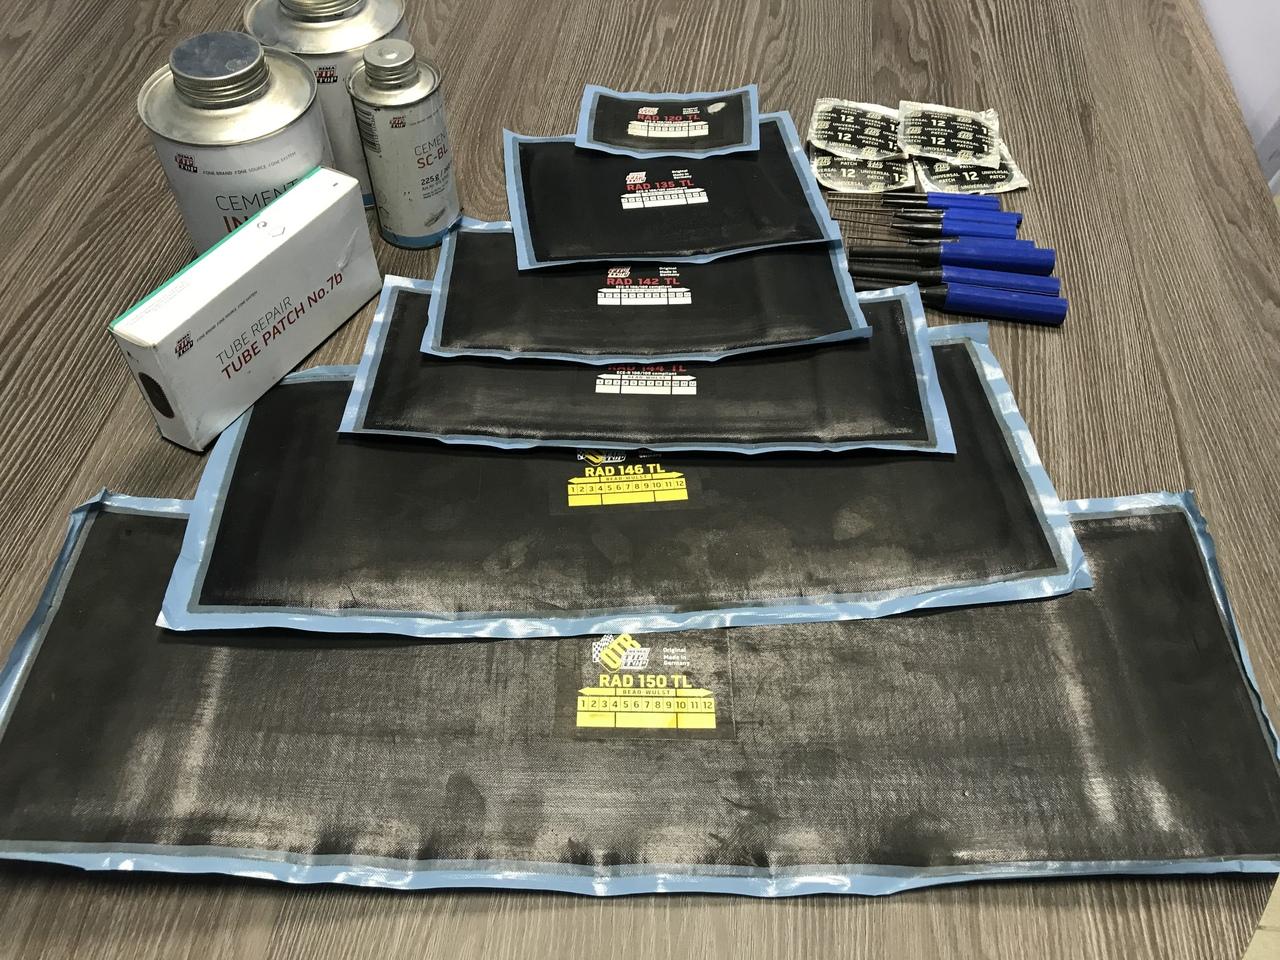 Качественные расходные материалы для шиномонтажа в Шинном центре МВБ, Луховицы, 136 км трассы М5